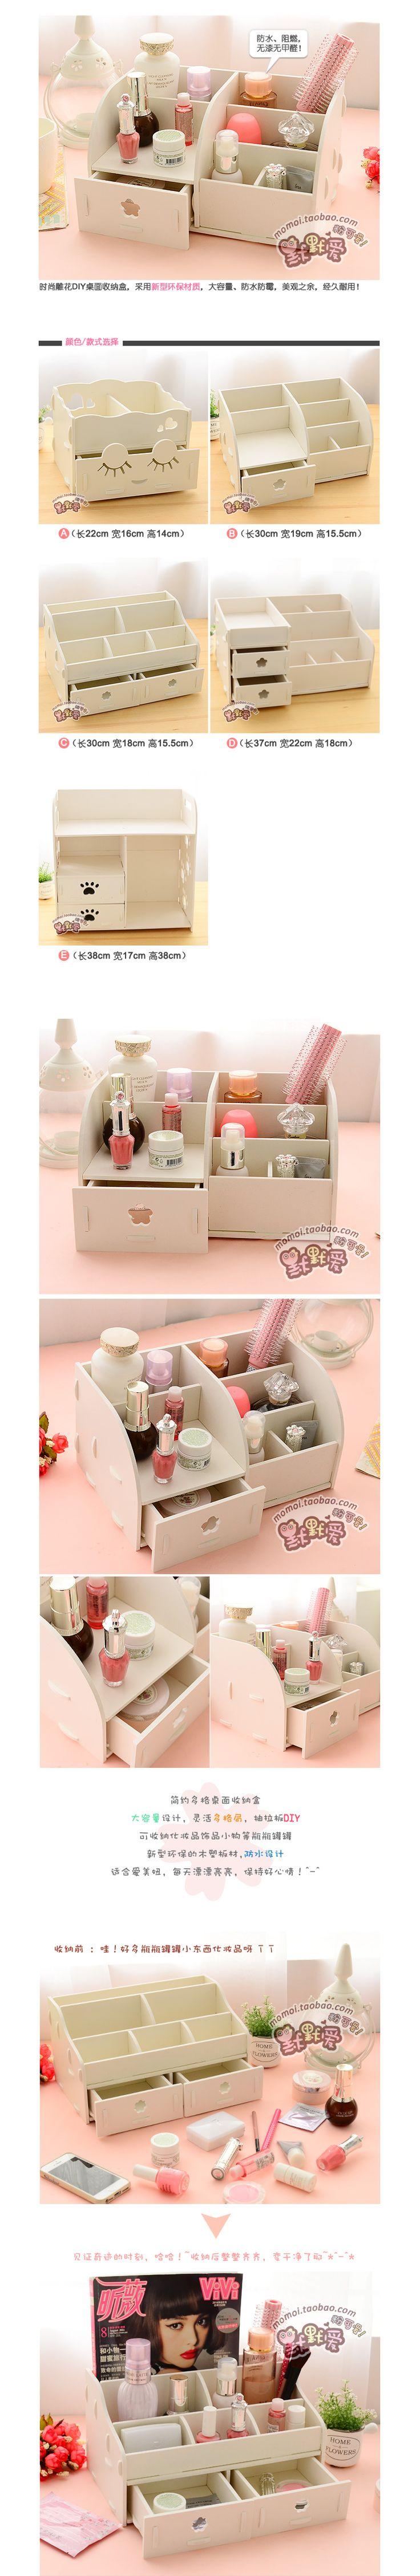 Escritorio en casa de madera DIY caja de almacenamiento para maquillaje cosméticos organizador de escritorio gabinetes con cajones en Cajas y Papeleras de Almacenamiento de Casa y Jardín en AliExpress.com   Alibaba Group